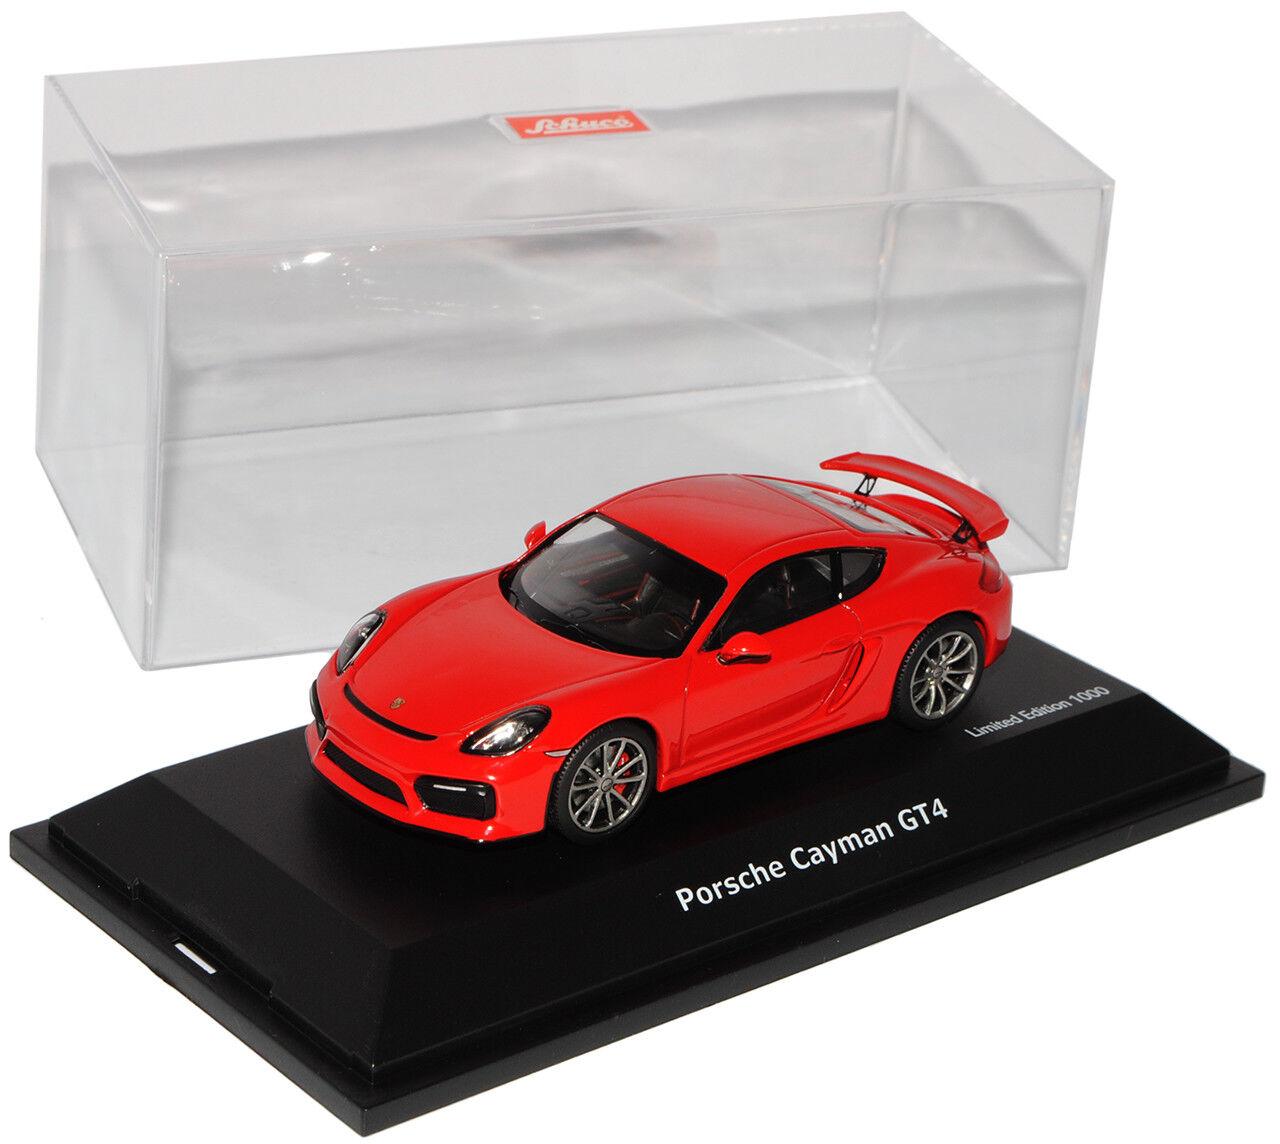 Porsche Cayman 981 GT4 Coupe Indisch Rot Ab Ab Ab 2015 1 43 Schuco Modell Auto mit o..  | Reichlich Und Pünktliche Lieferung  0af59c